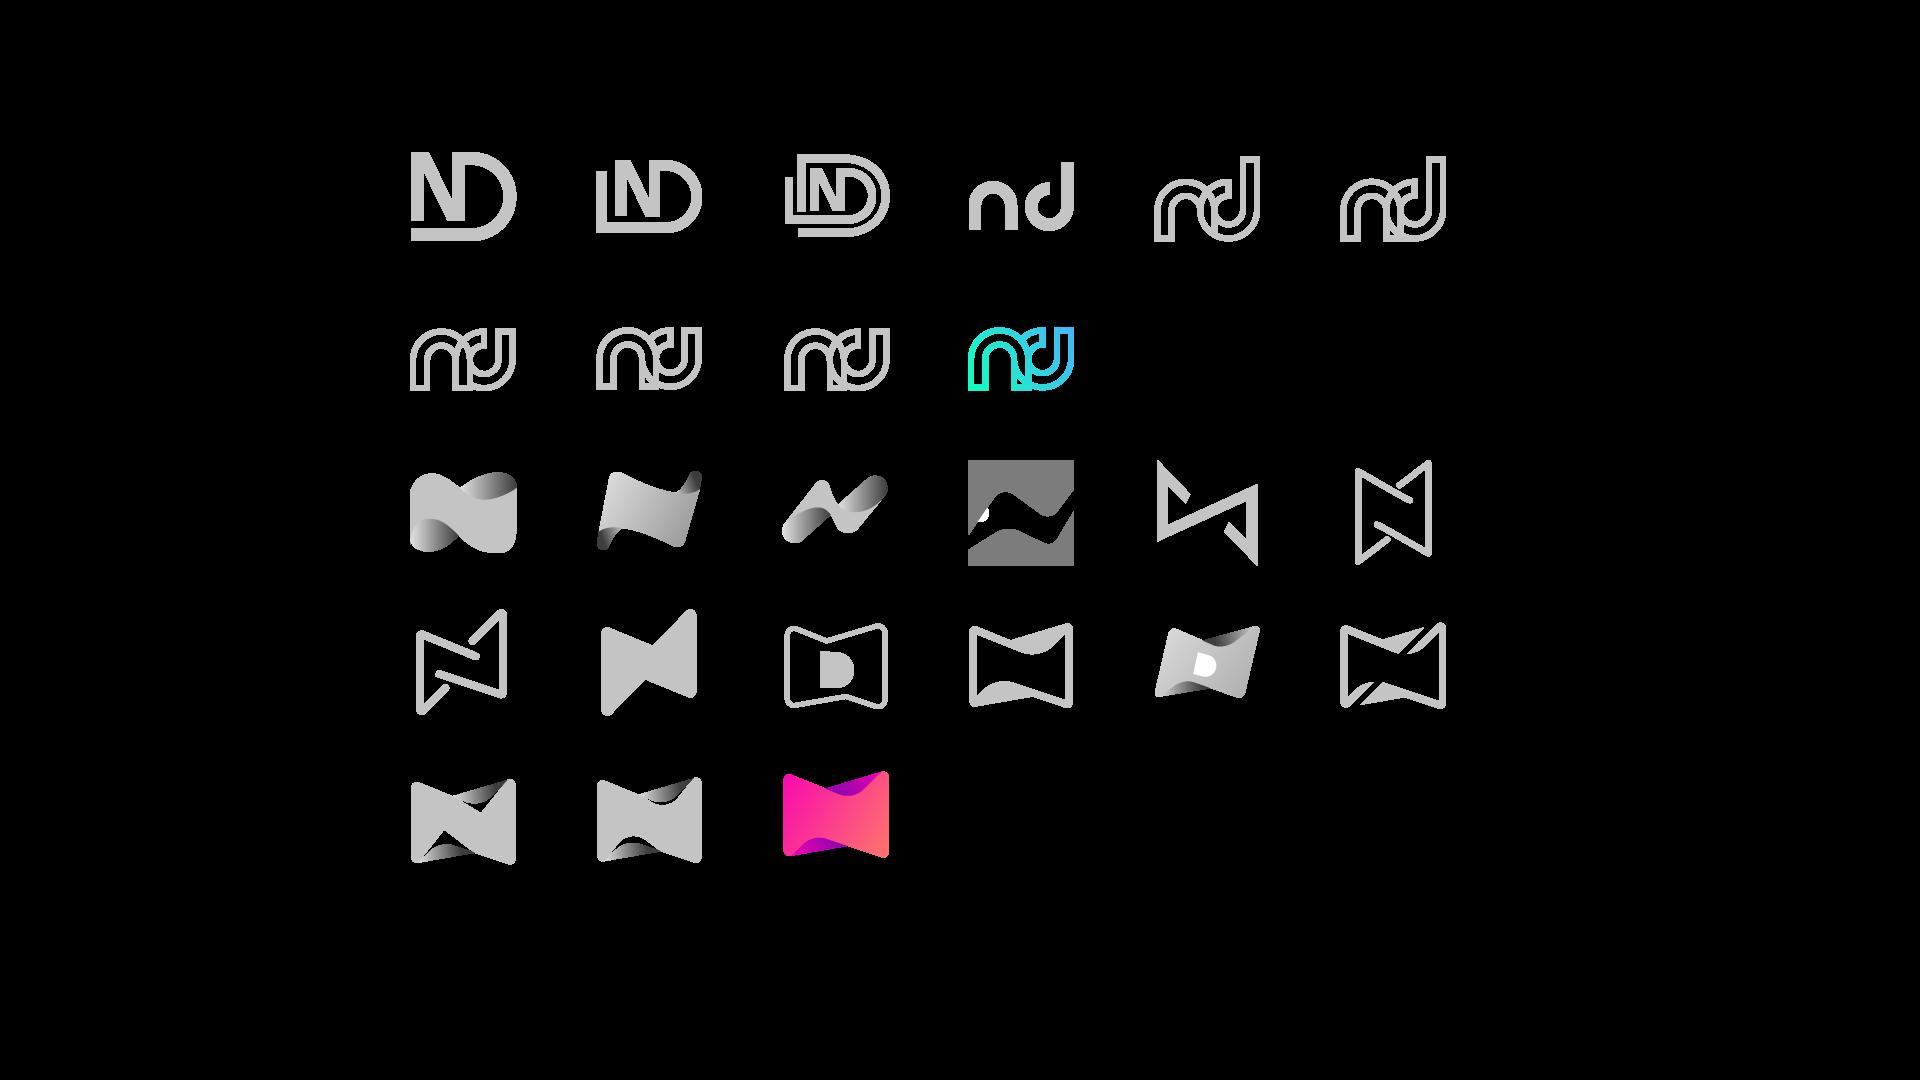 Couleurs utilisées pour le logo